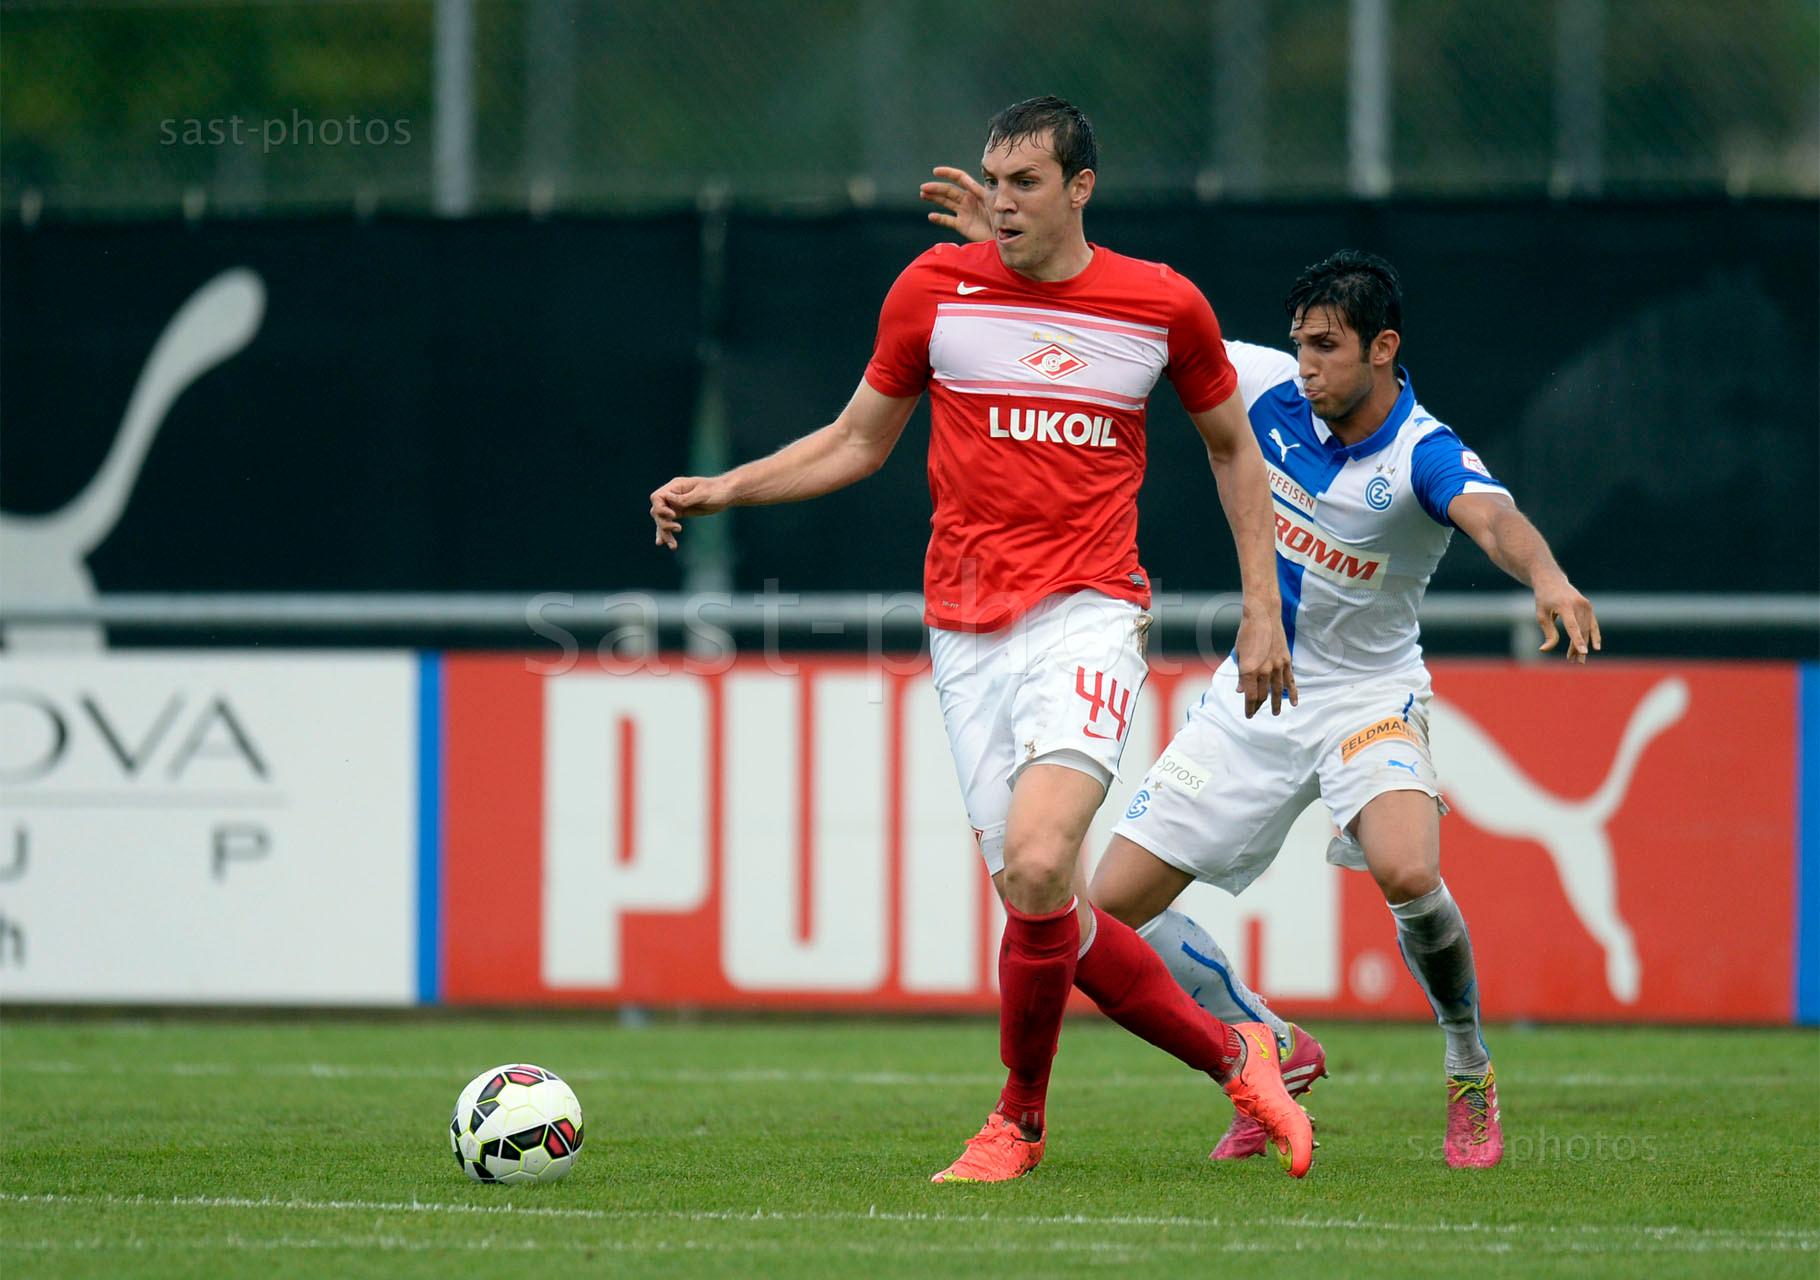 Artem Dzyuba (Spartak) gegen Levent Guelen (GCZ)